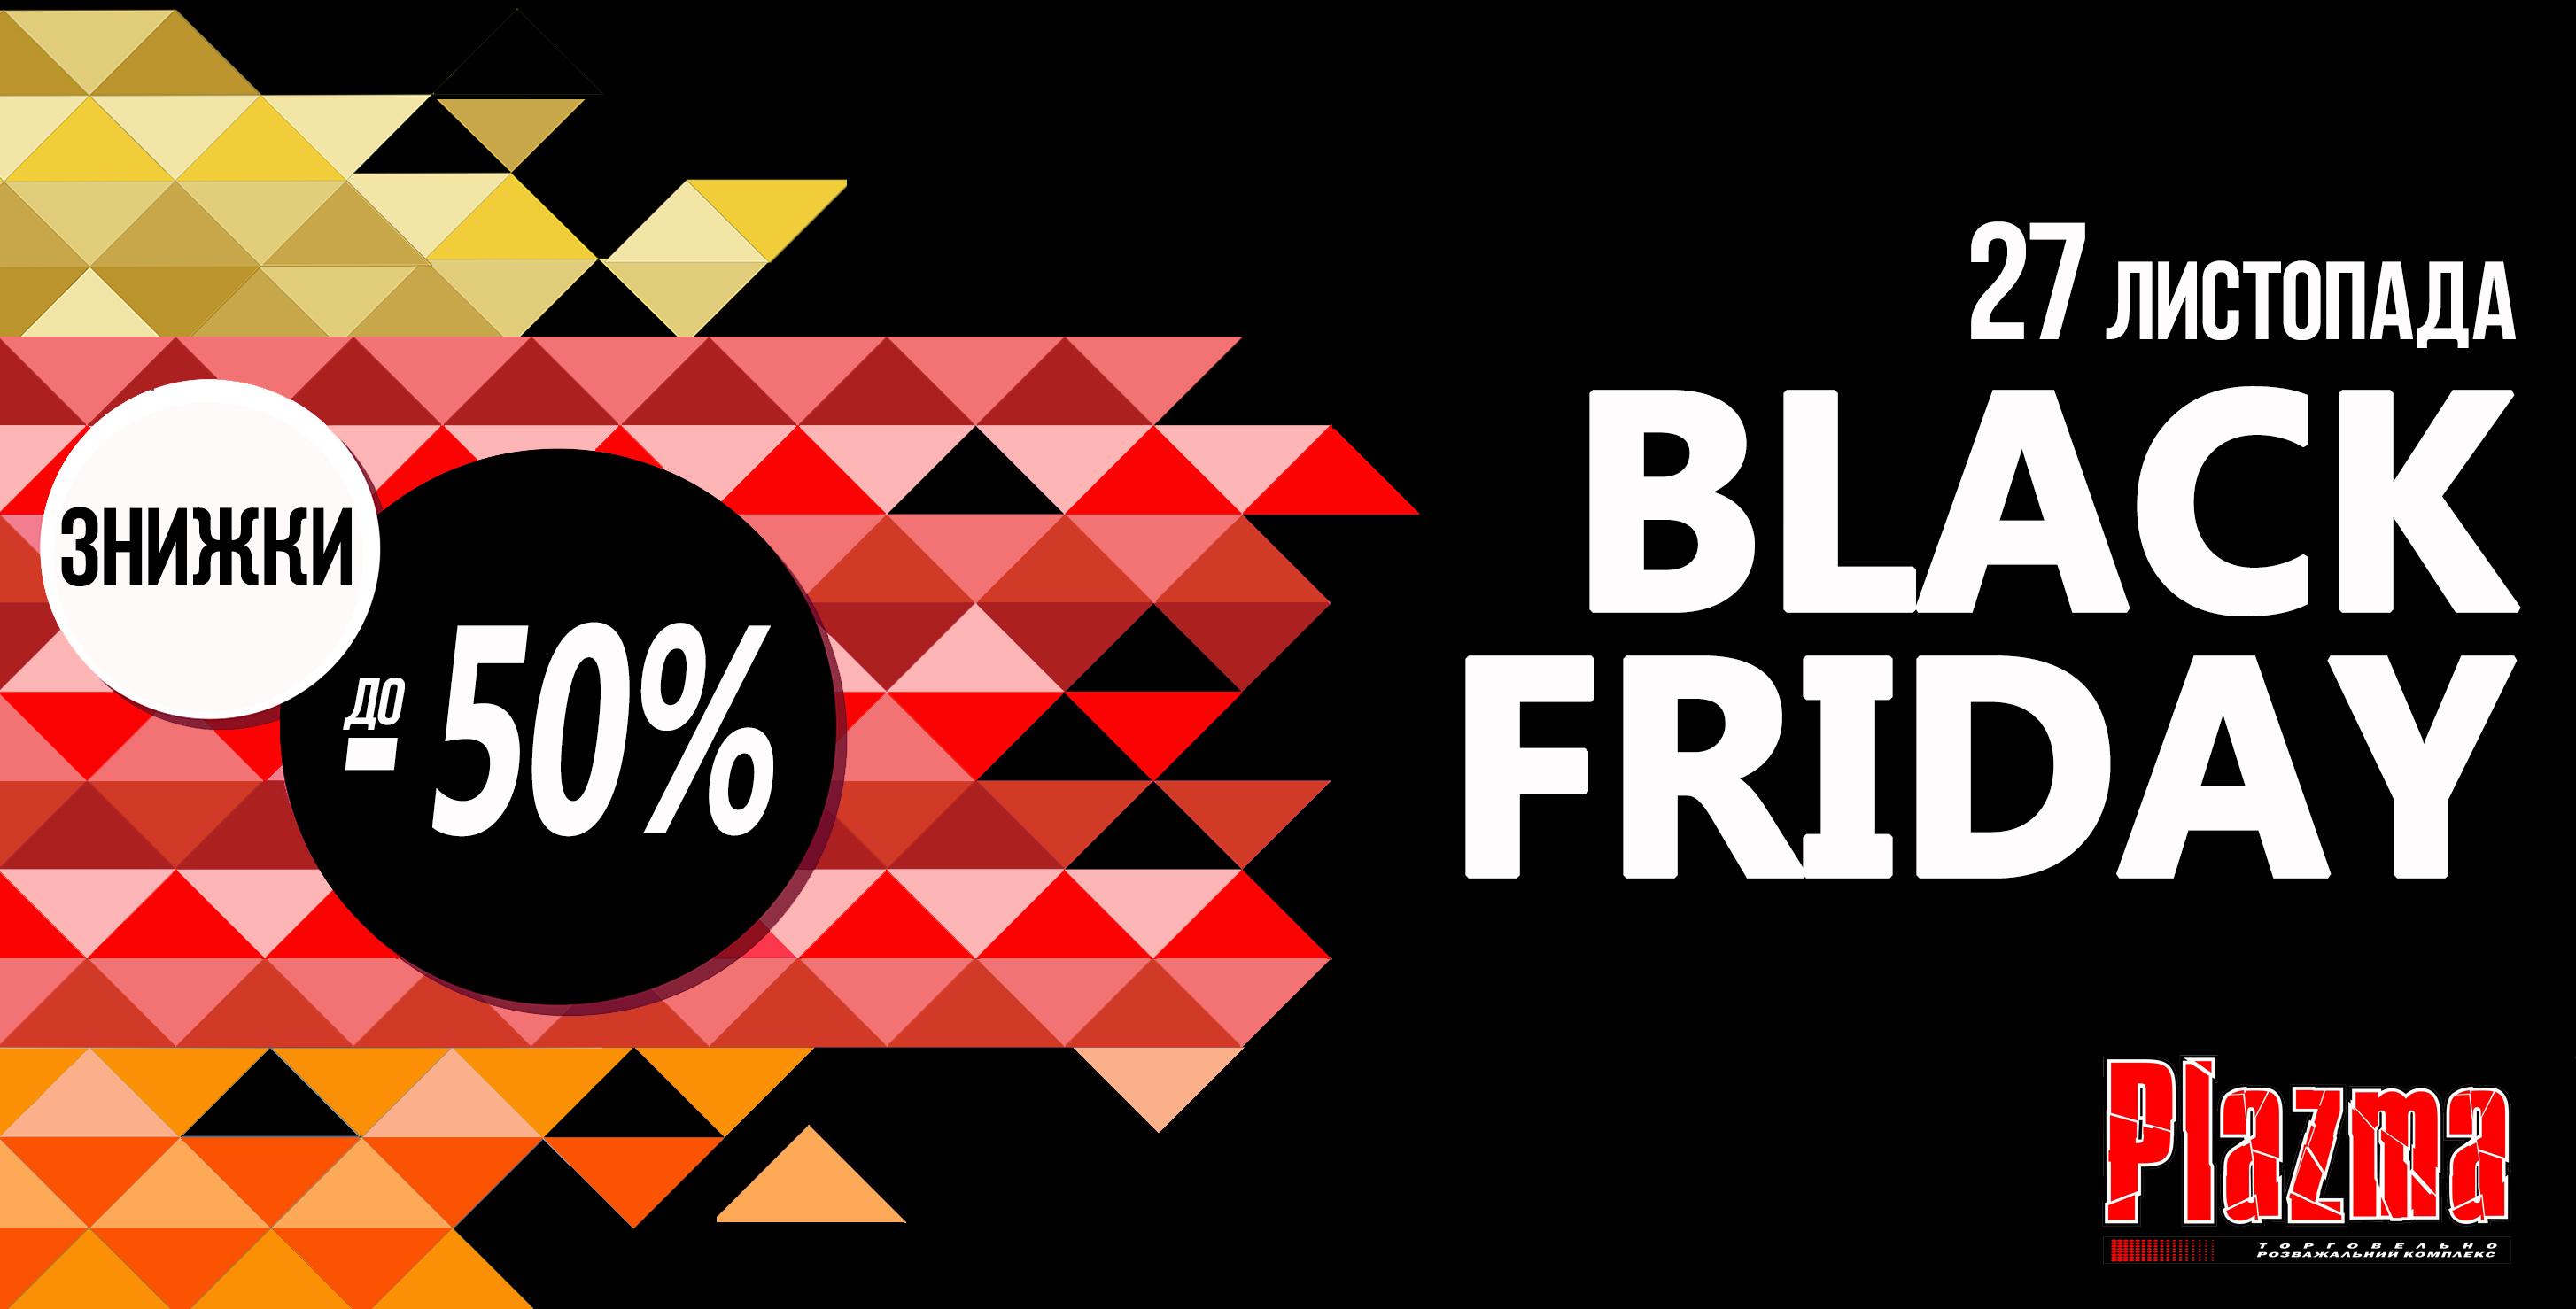 27 листопада - щорічний день глобального розпродажу Black Friday в ТРК  Plazma. Це найулюбленіший день шопоголіків 1a4e6502a6dda